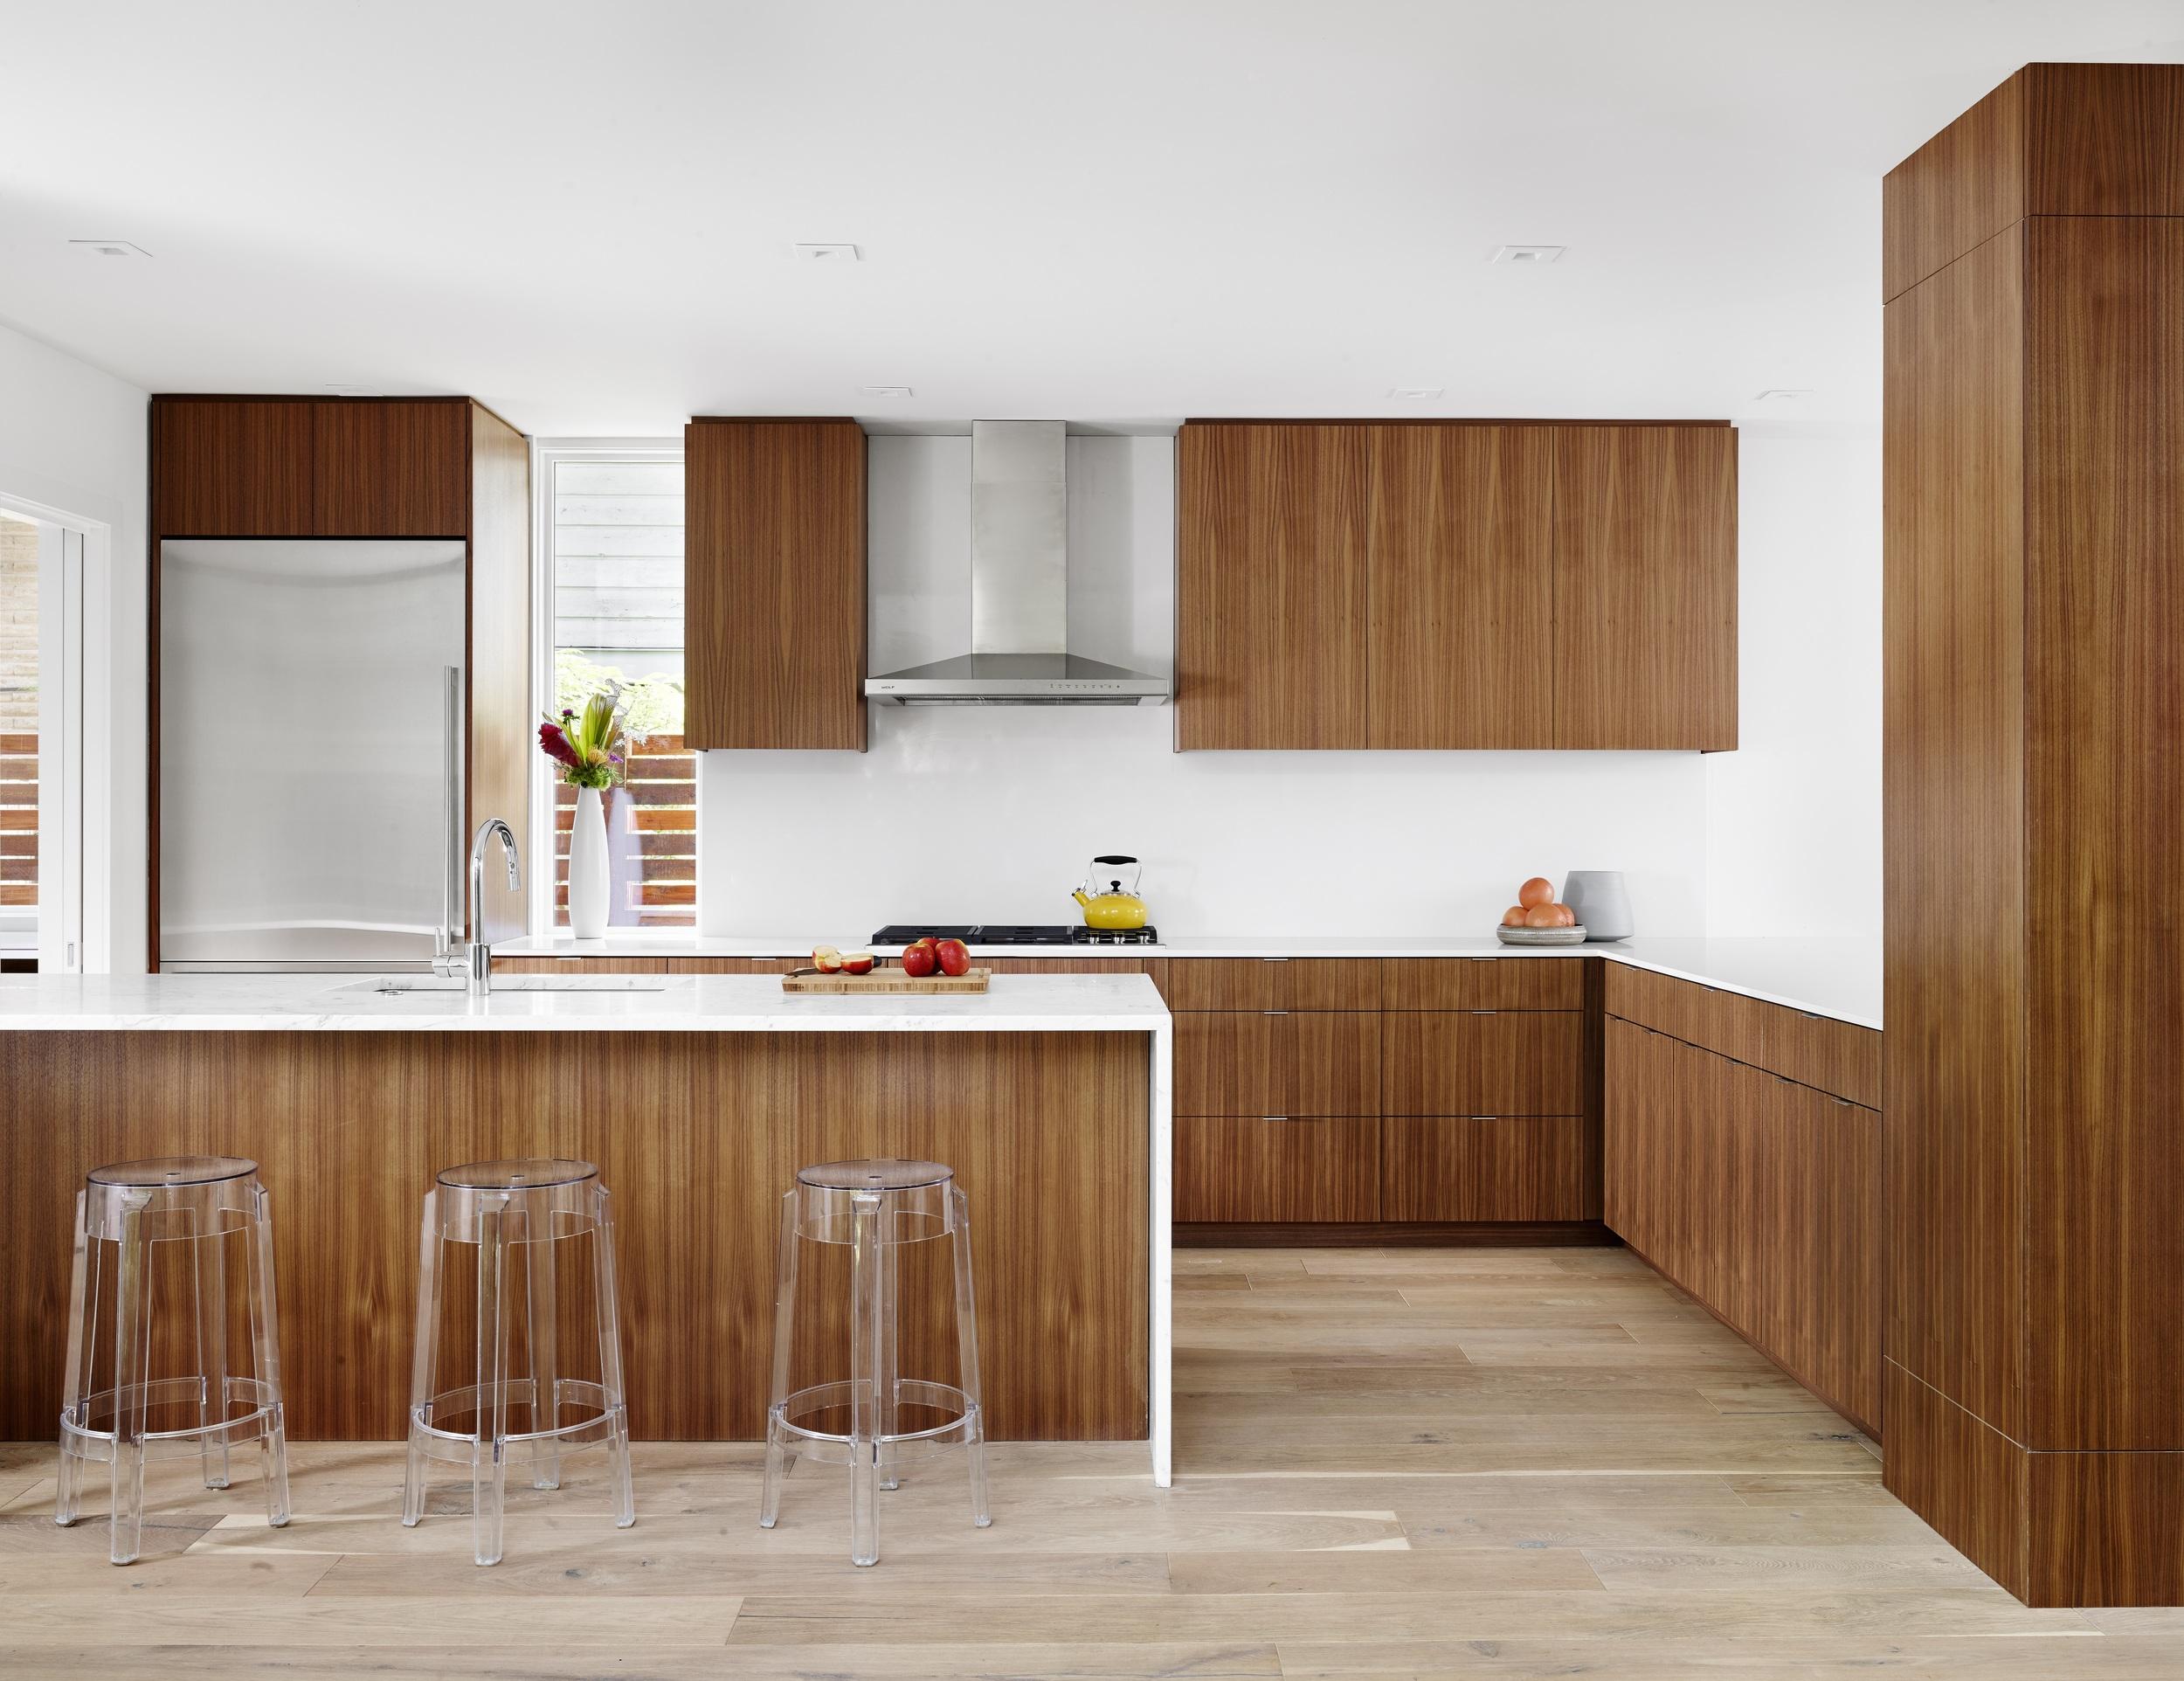 kitchen59574.jpg